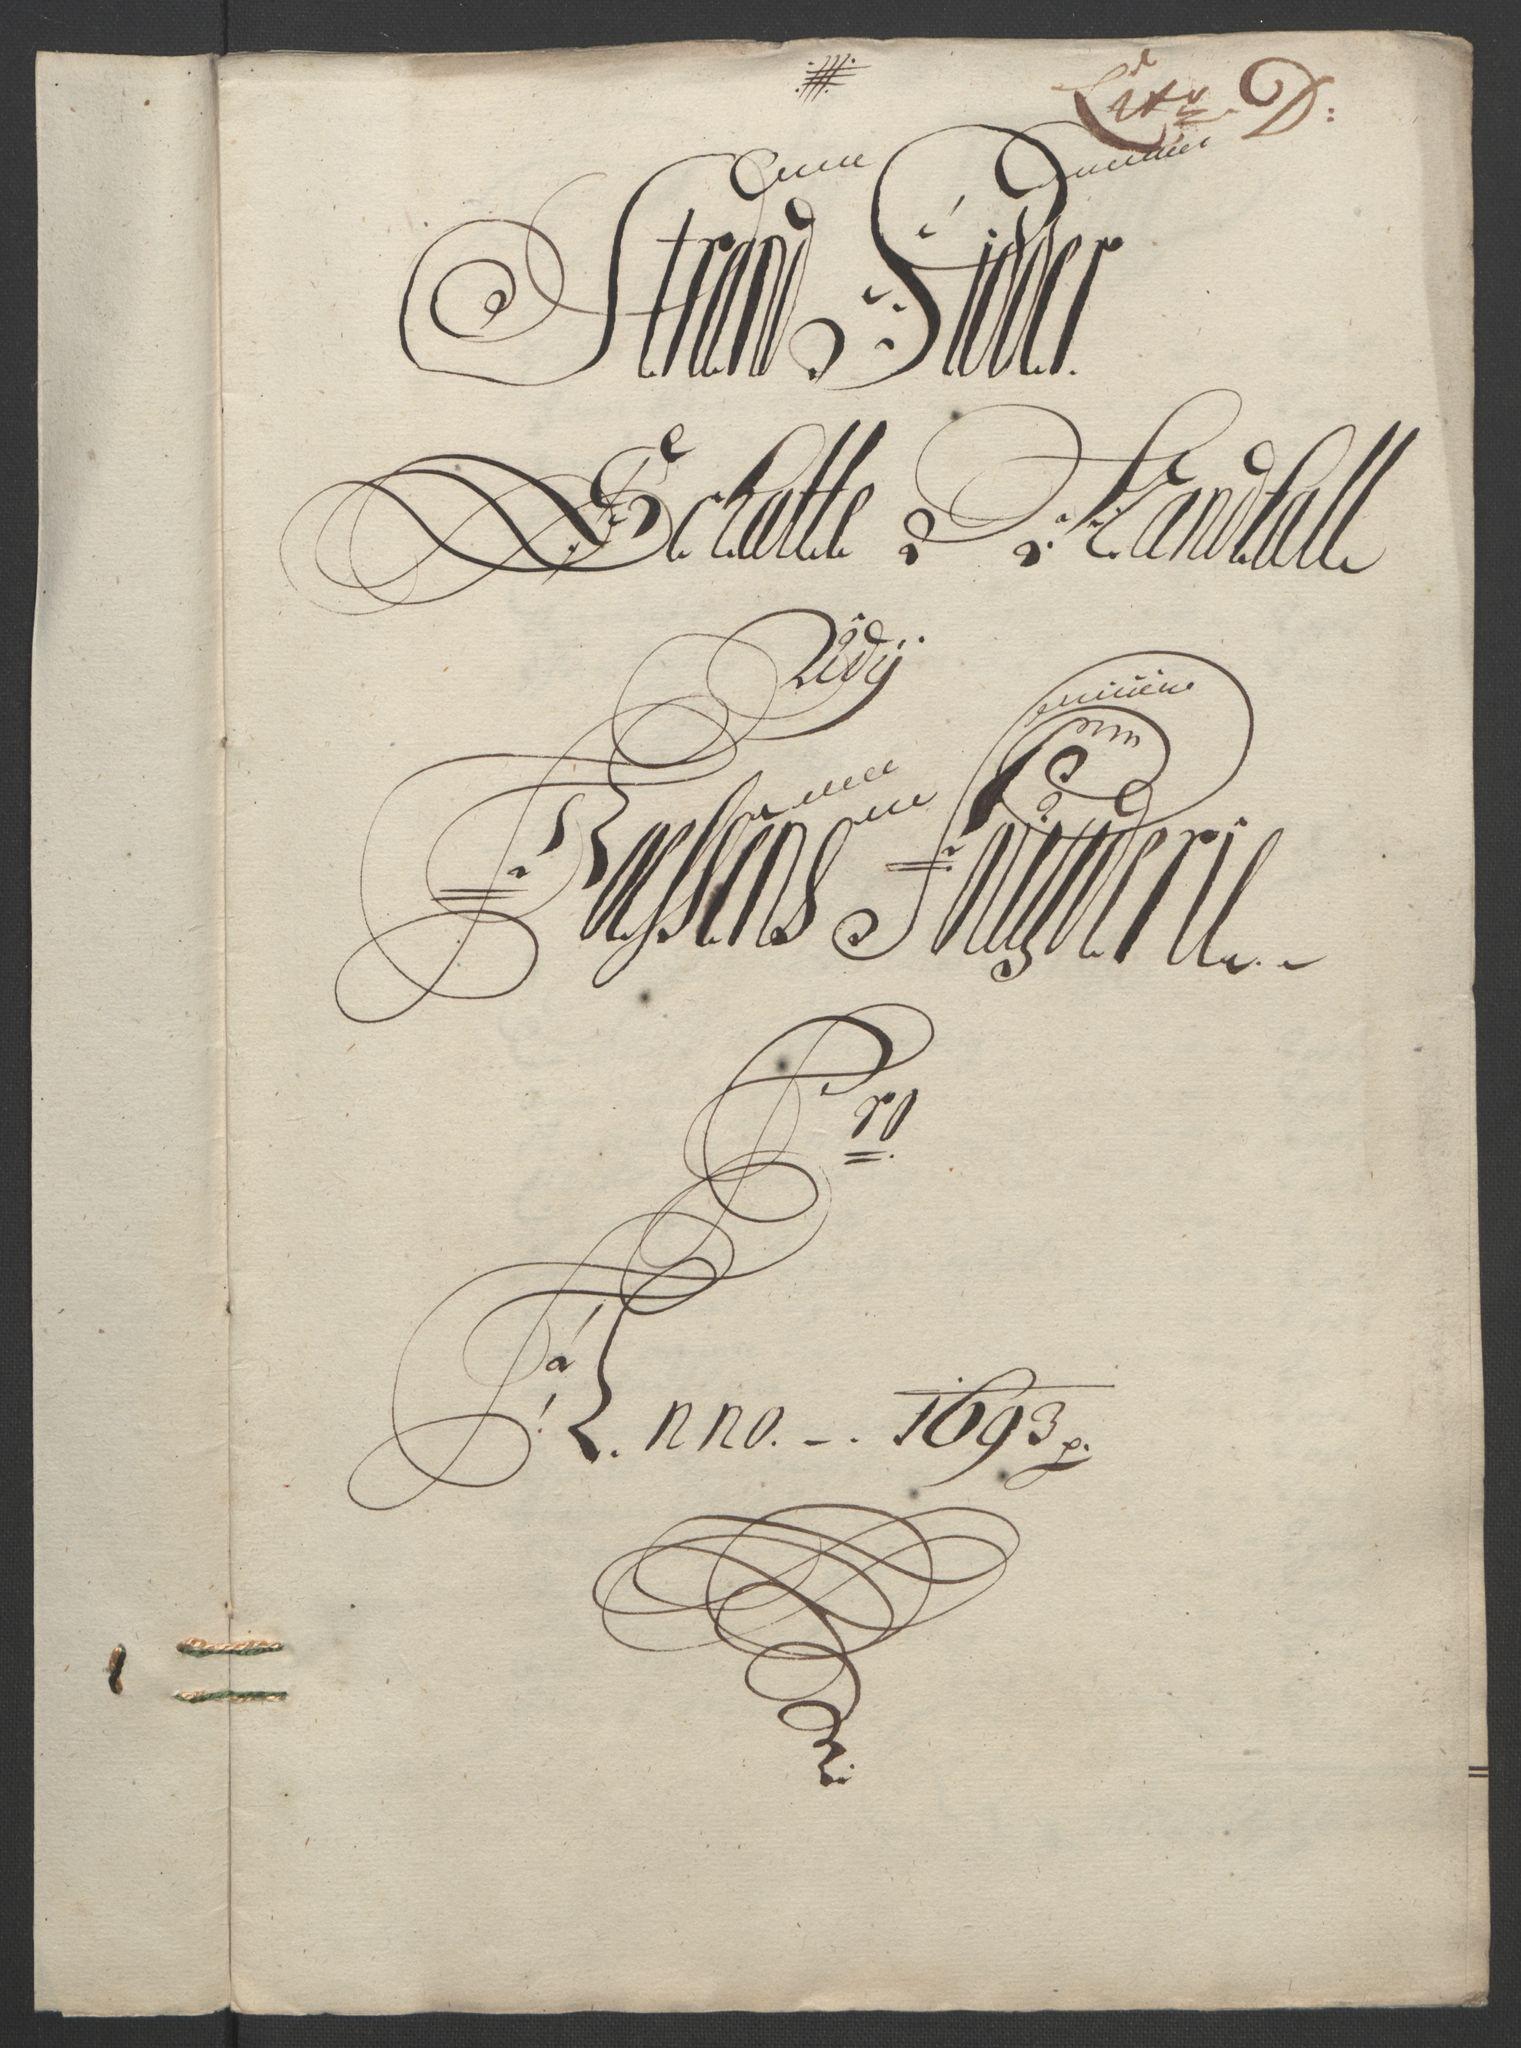 RA, Rentekammeret inntil 1814, Reviderte regnskaper, Fogderegnskap, R57/L3849: Fogderegnskap Fosen, 1692-1693, s. 451